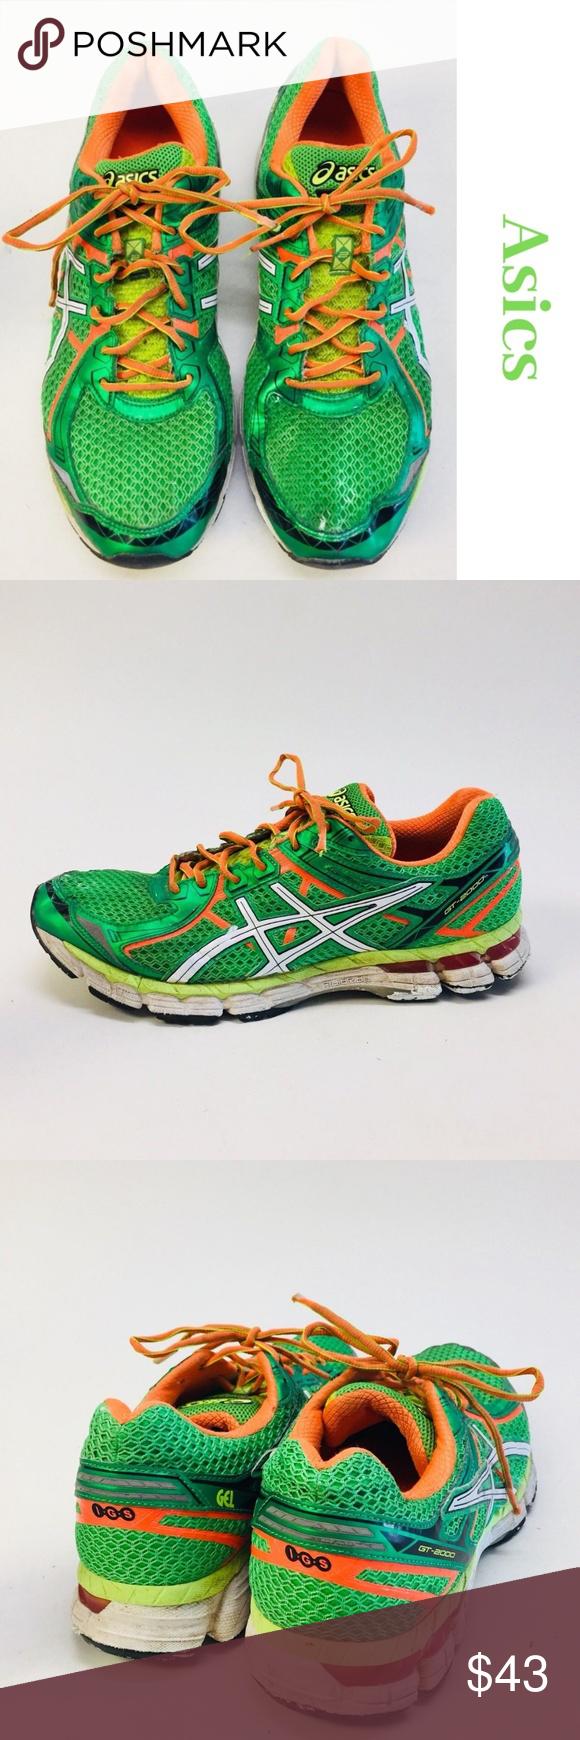 941fc84de32 Asics GT-2000 Gel Mens Size 13 M Running Shoes Men s US size 13 ...